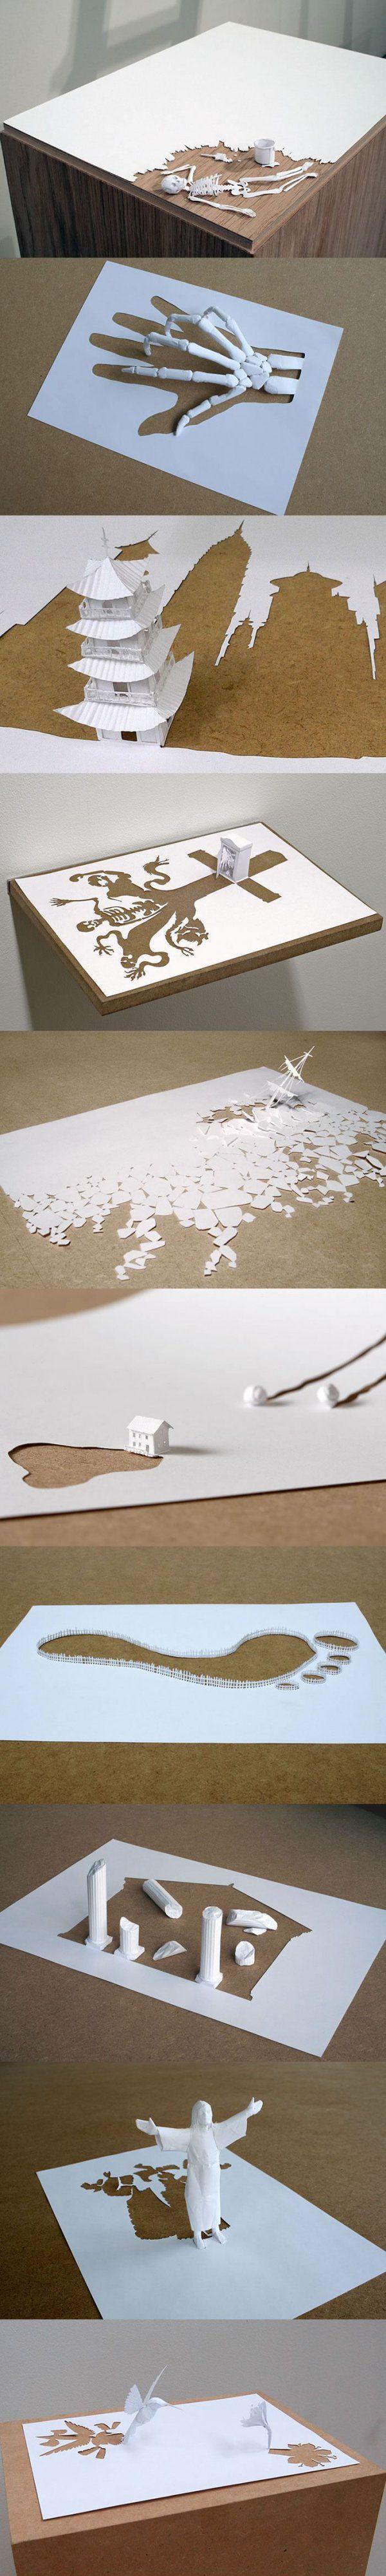 Unglaubliche Papierkunst von Peter Callesen - Win Bilder   Webfail - Fail Bilder und Fail Videos